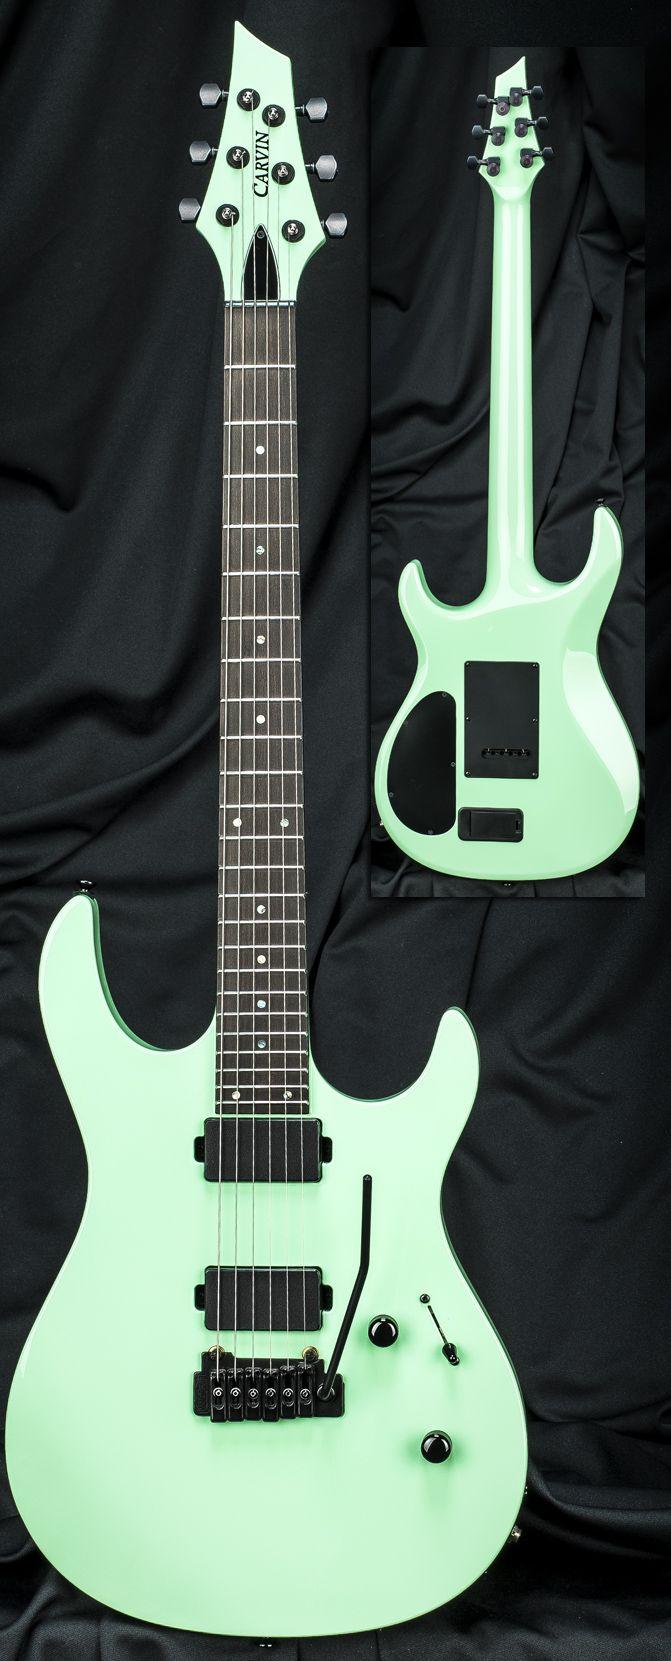 carvin dc600t surf green guitars pinterest surf and green. Black Bedroom Furniture Sets. Home Design Ideas